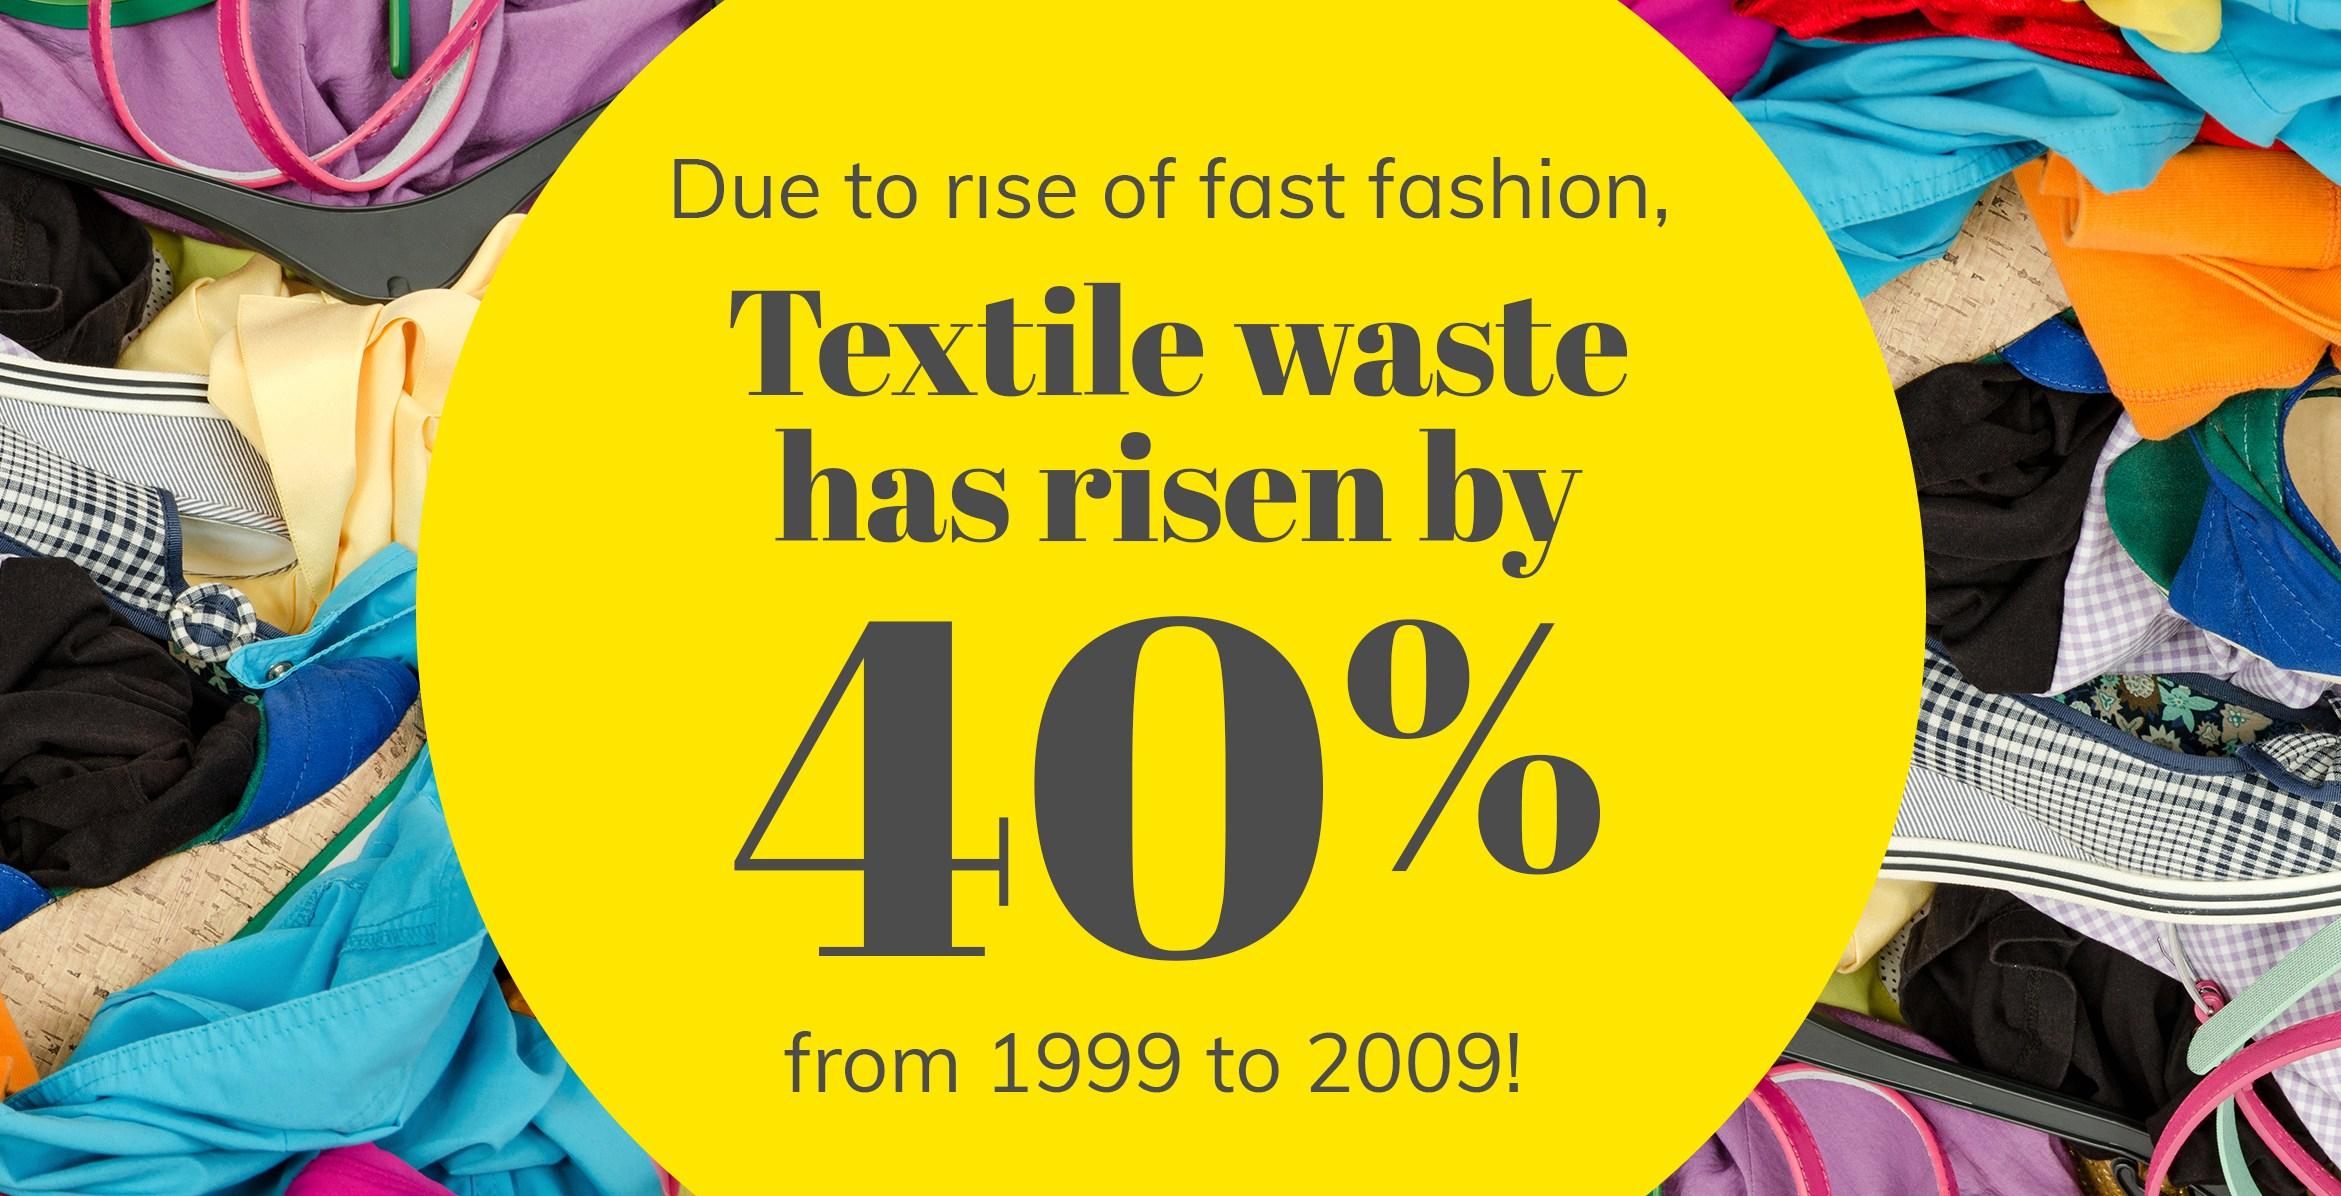 thredit_pieces-shm-part2-textilewaste2.jpg